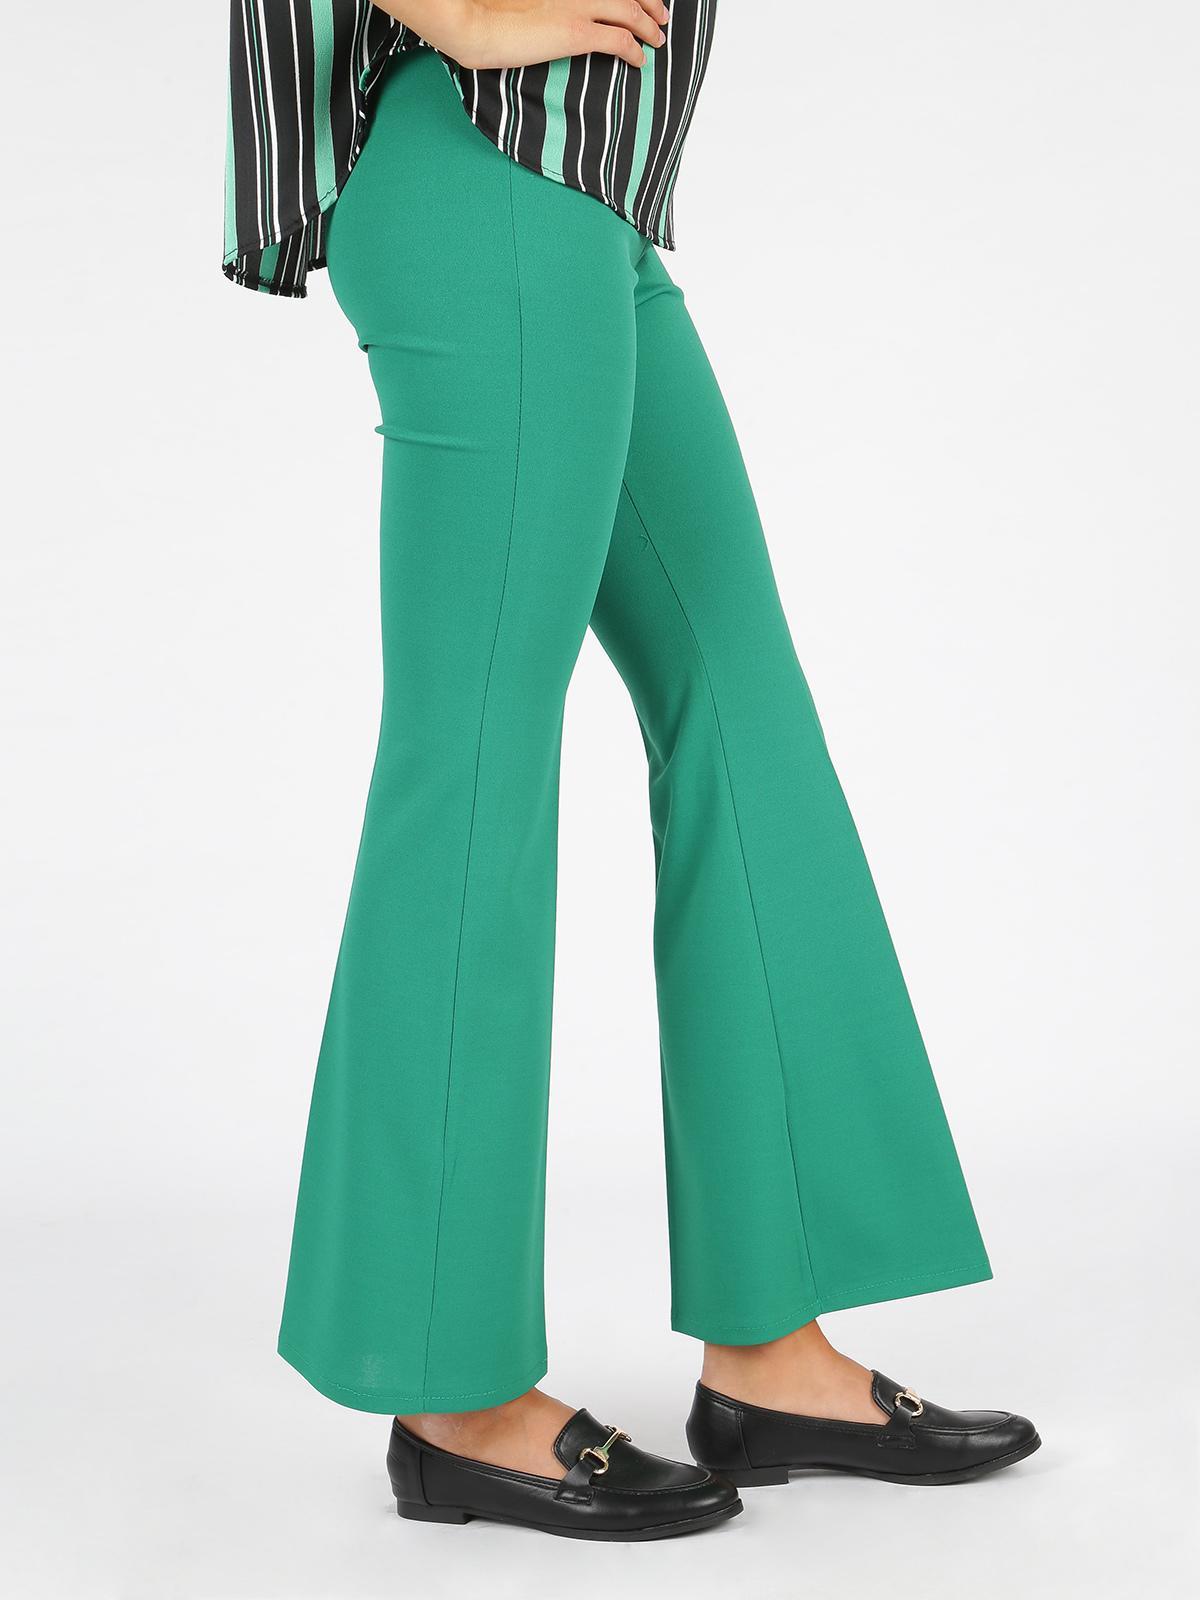 nuovo prodotto 62471 5a00e Pantaloni a zampa di elefante solada | MecShopping